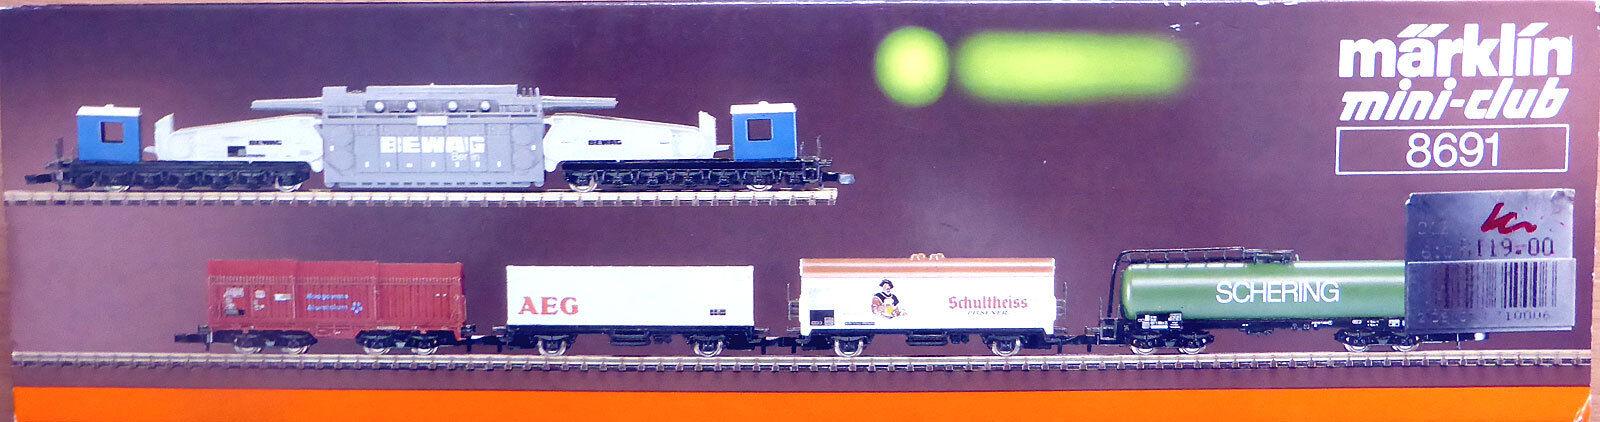 marklin Z miniclub 8691; autori merciSet Berlino DB, in scatola originalef832